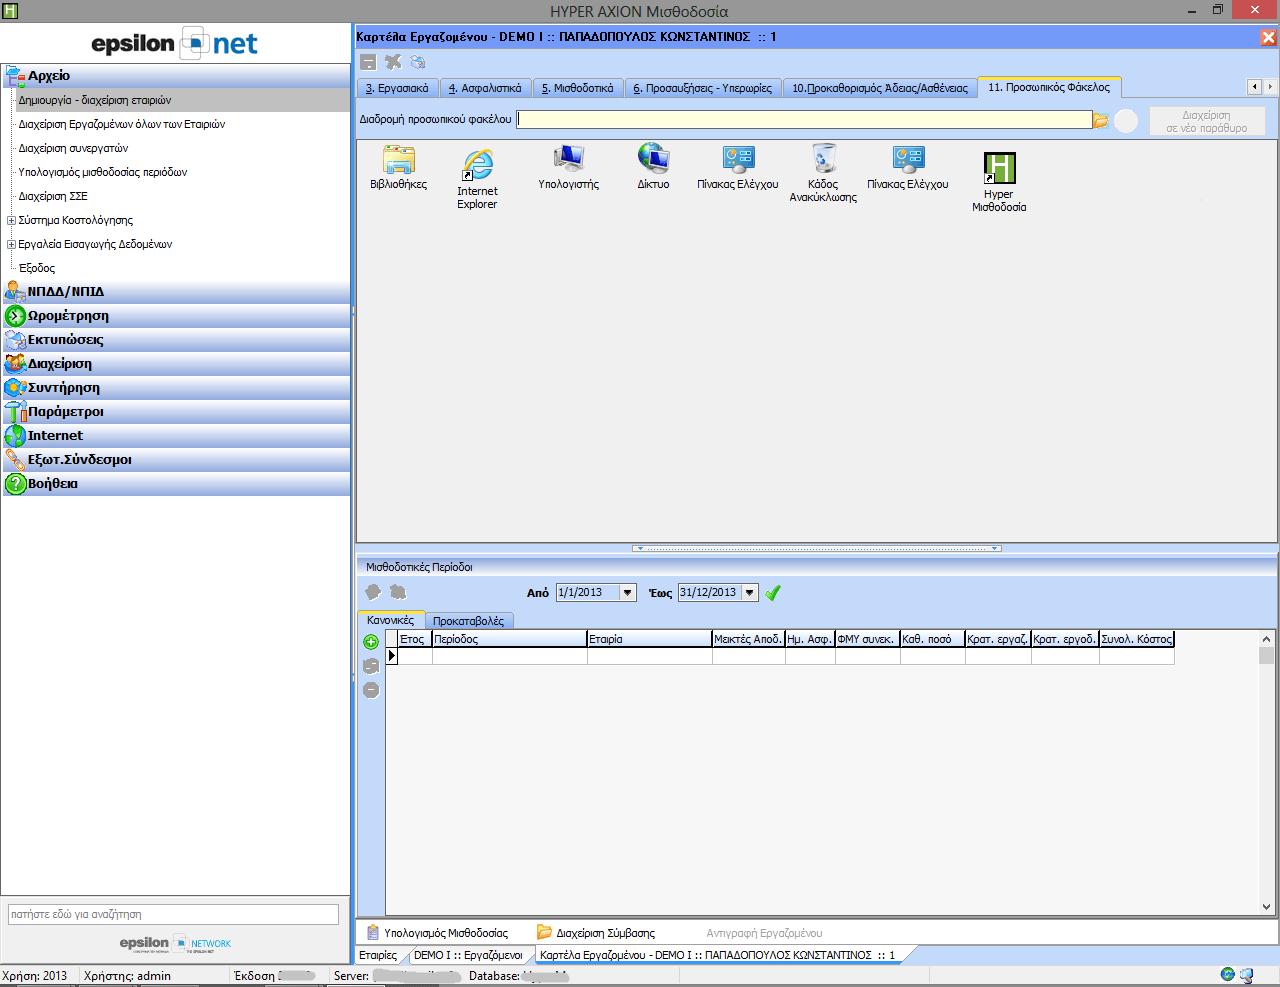 Δυνατότητα σύνδεσης εργαζομένου με επιλεγμένο φάκελο στον ηλεκτρονικό υπολογιστή